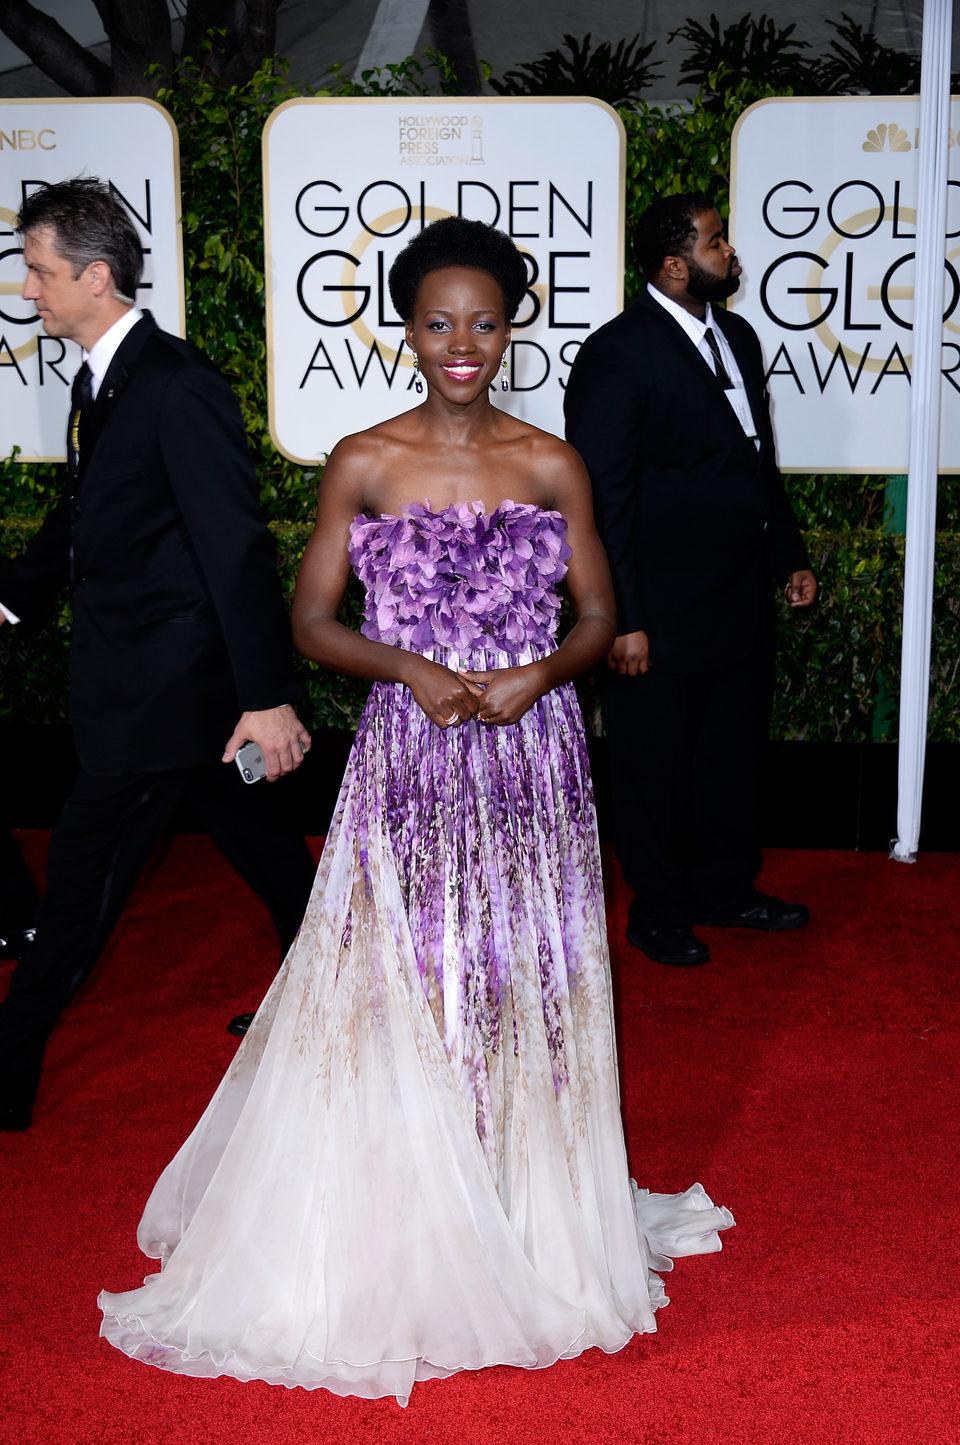 Lupita N'yongo at the Golden Globes 2015 red carpet